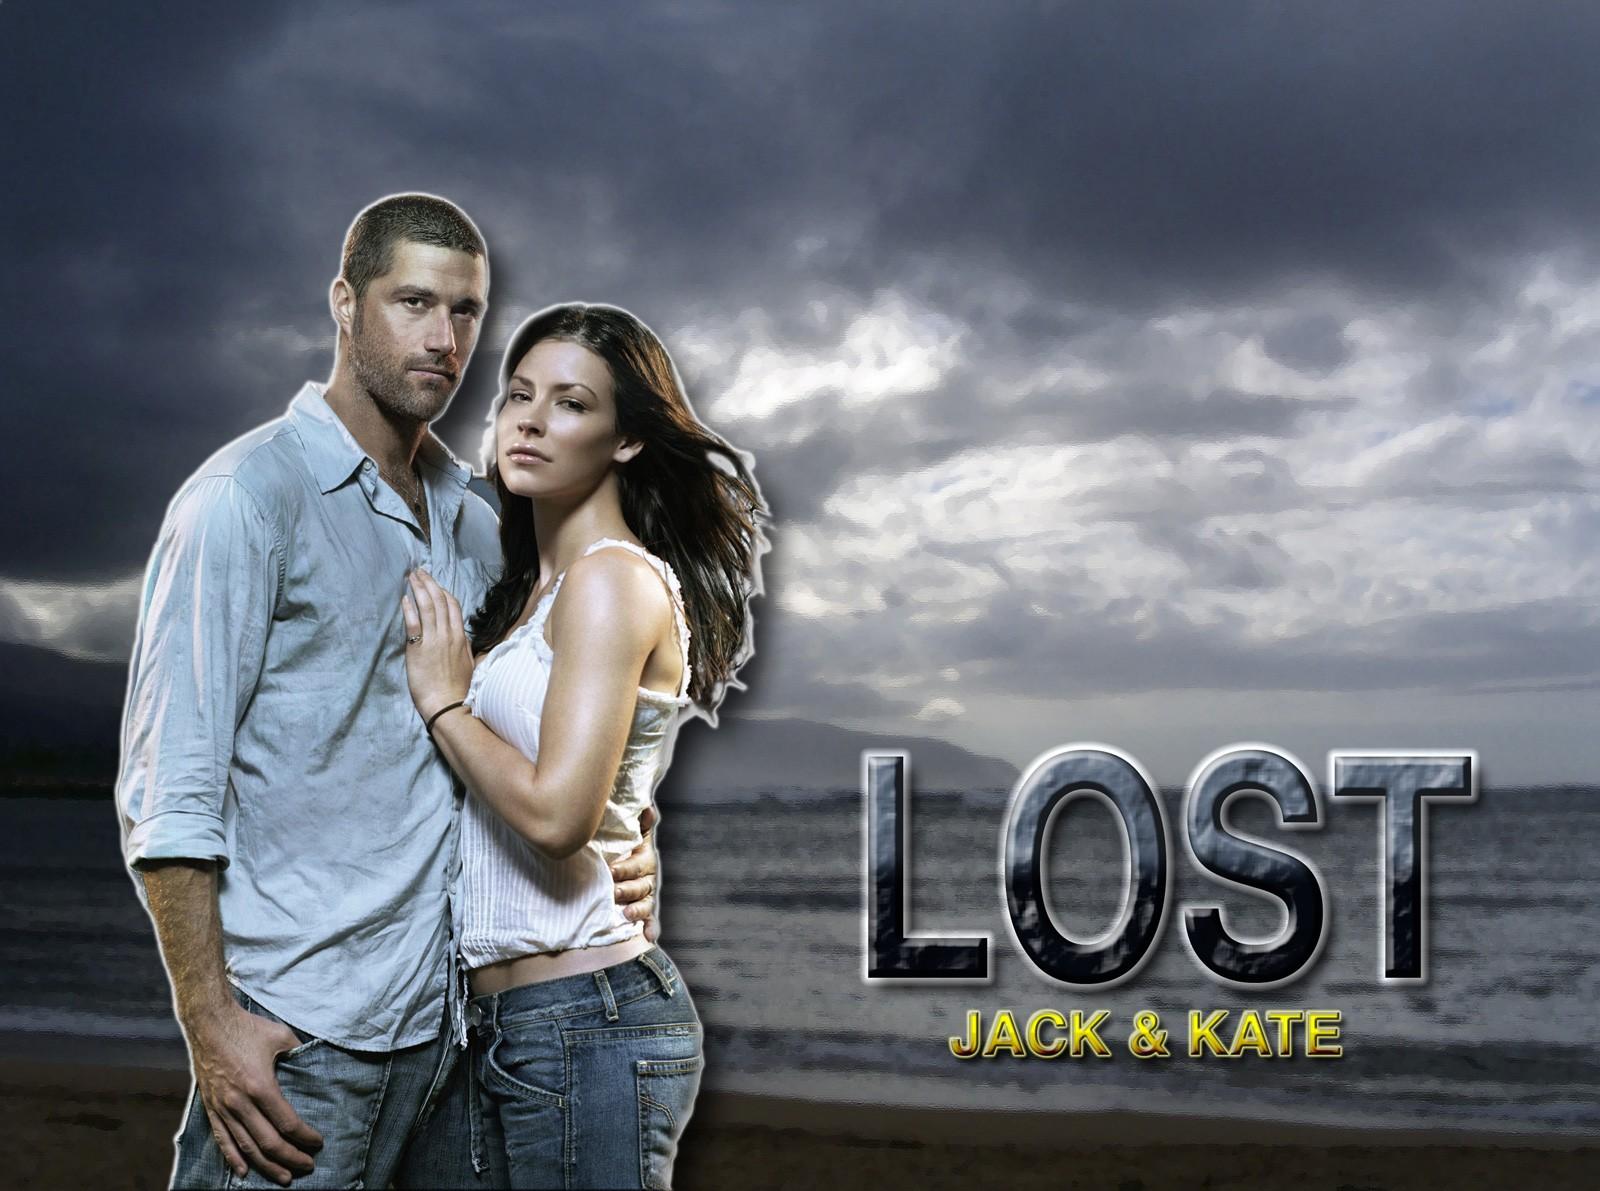 LOST_Jack&Kate1.jpg